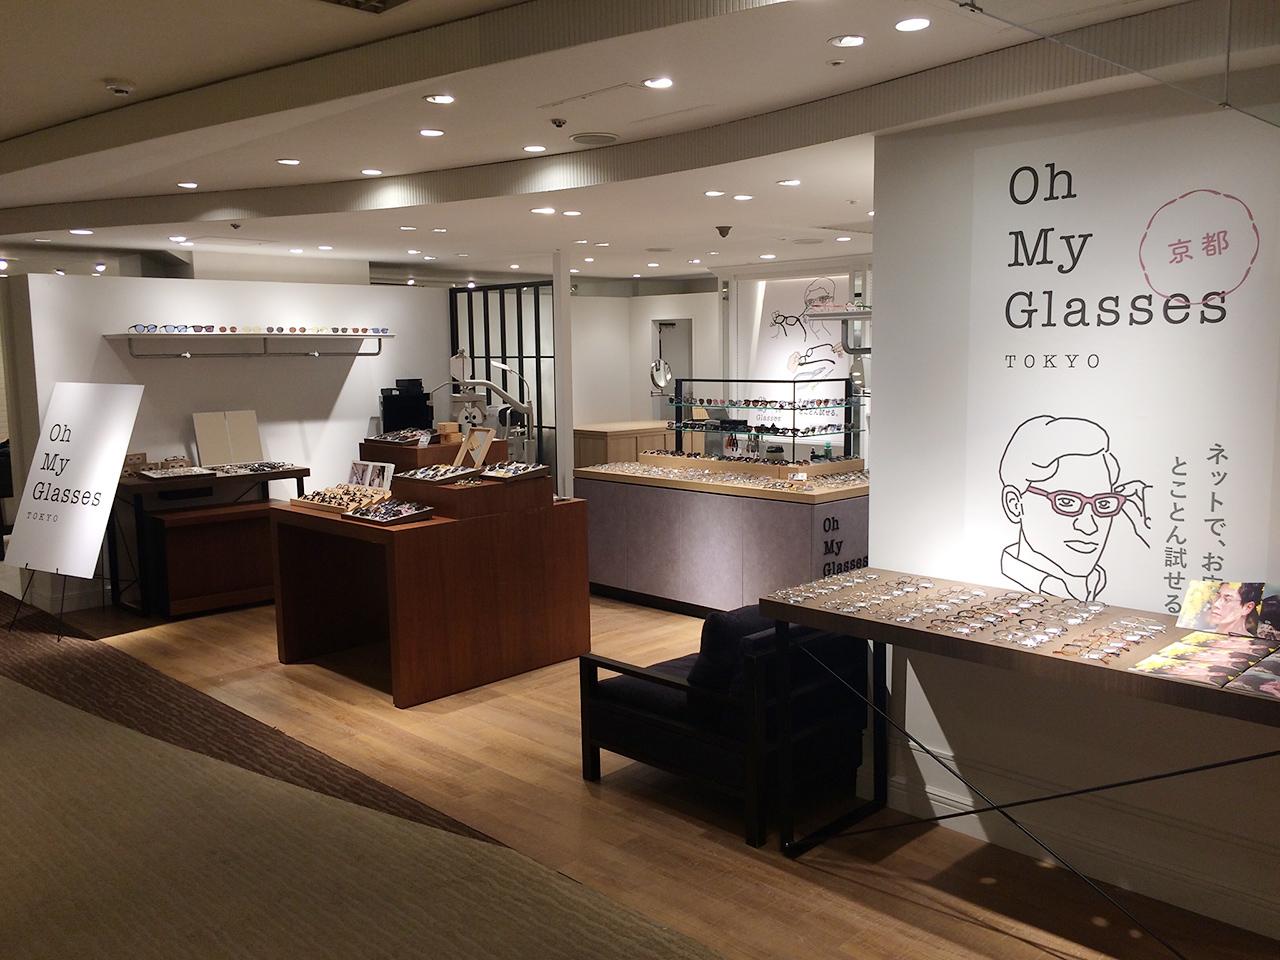 オーマイグラス東京 京都店